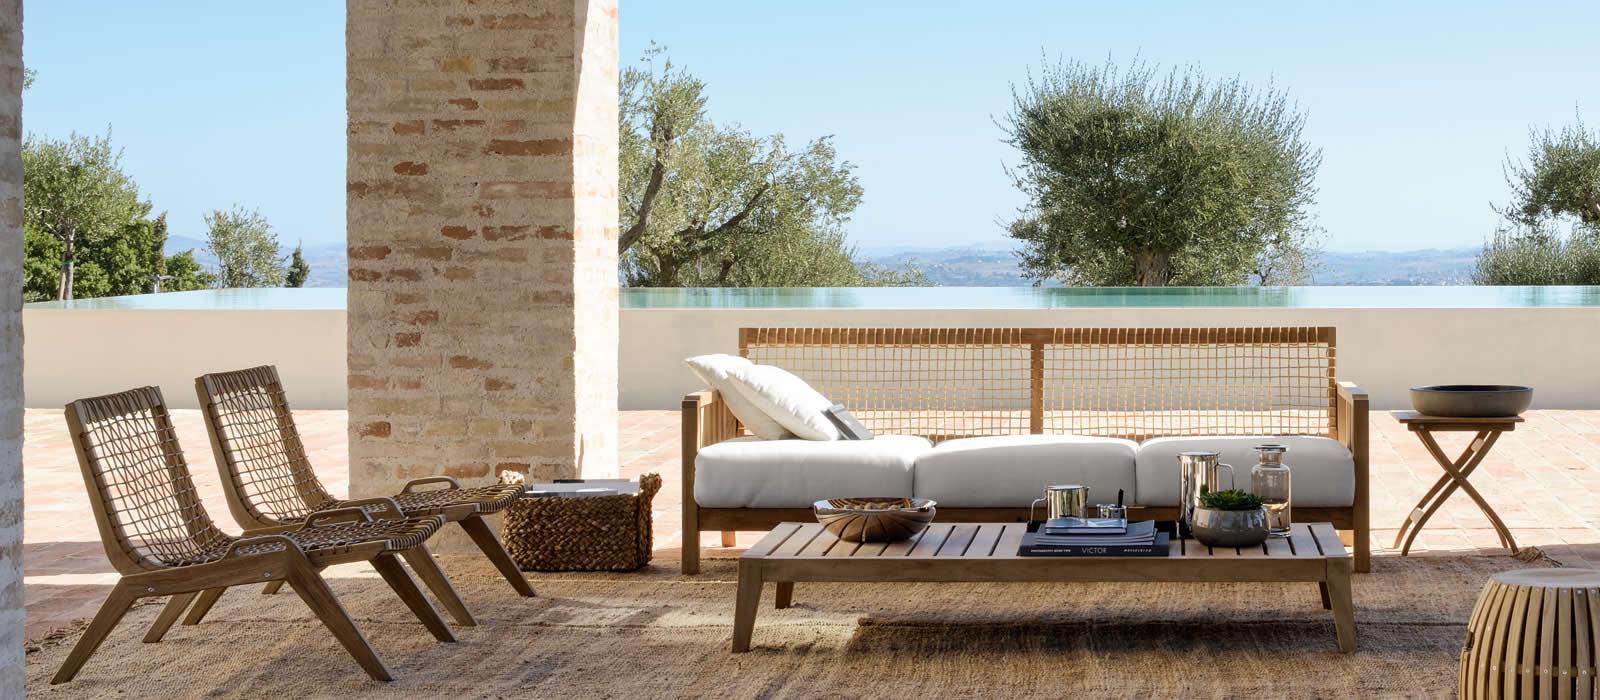 Salon de jardin unopiu - Jardin piscine et Cabane